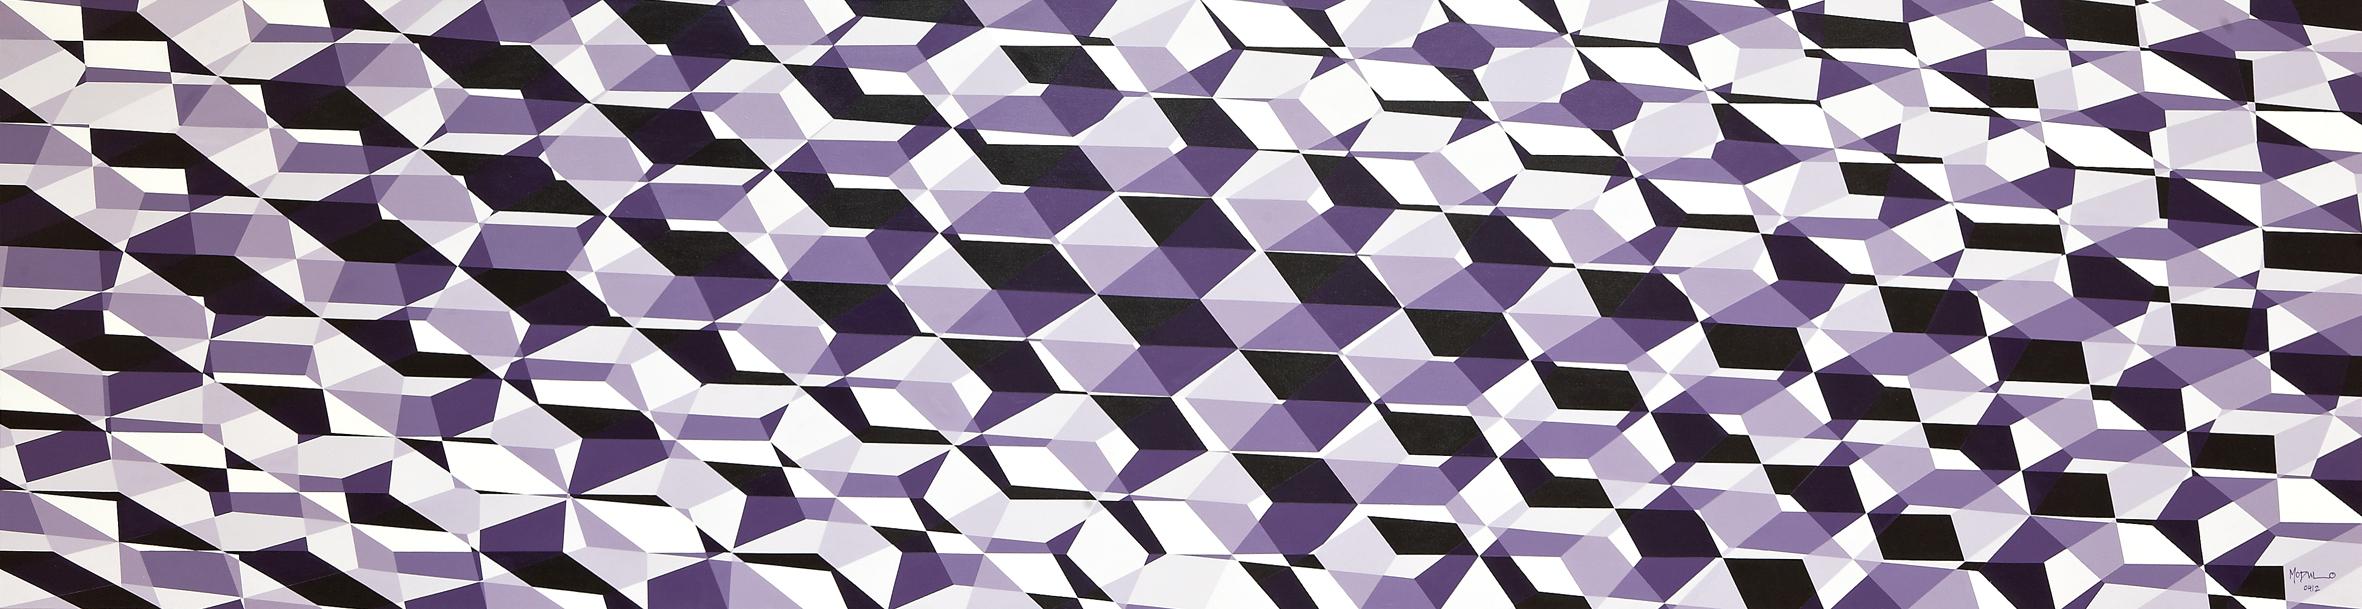 untitled violet copy.jpg